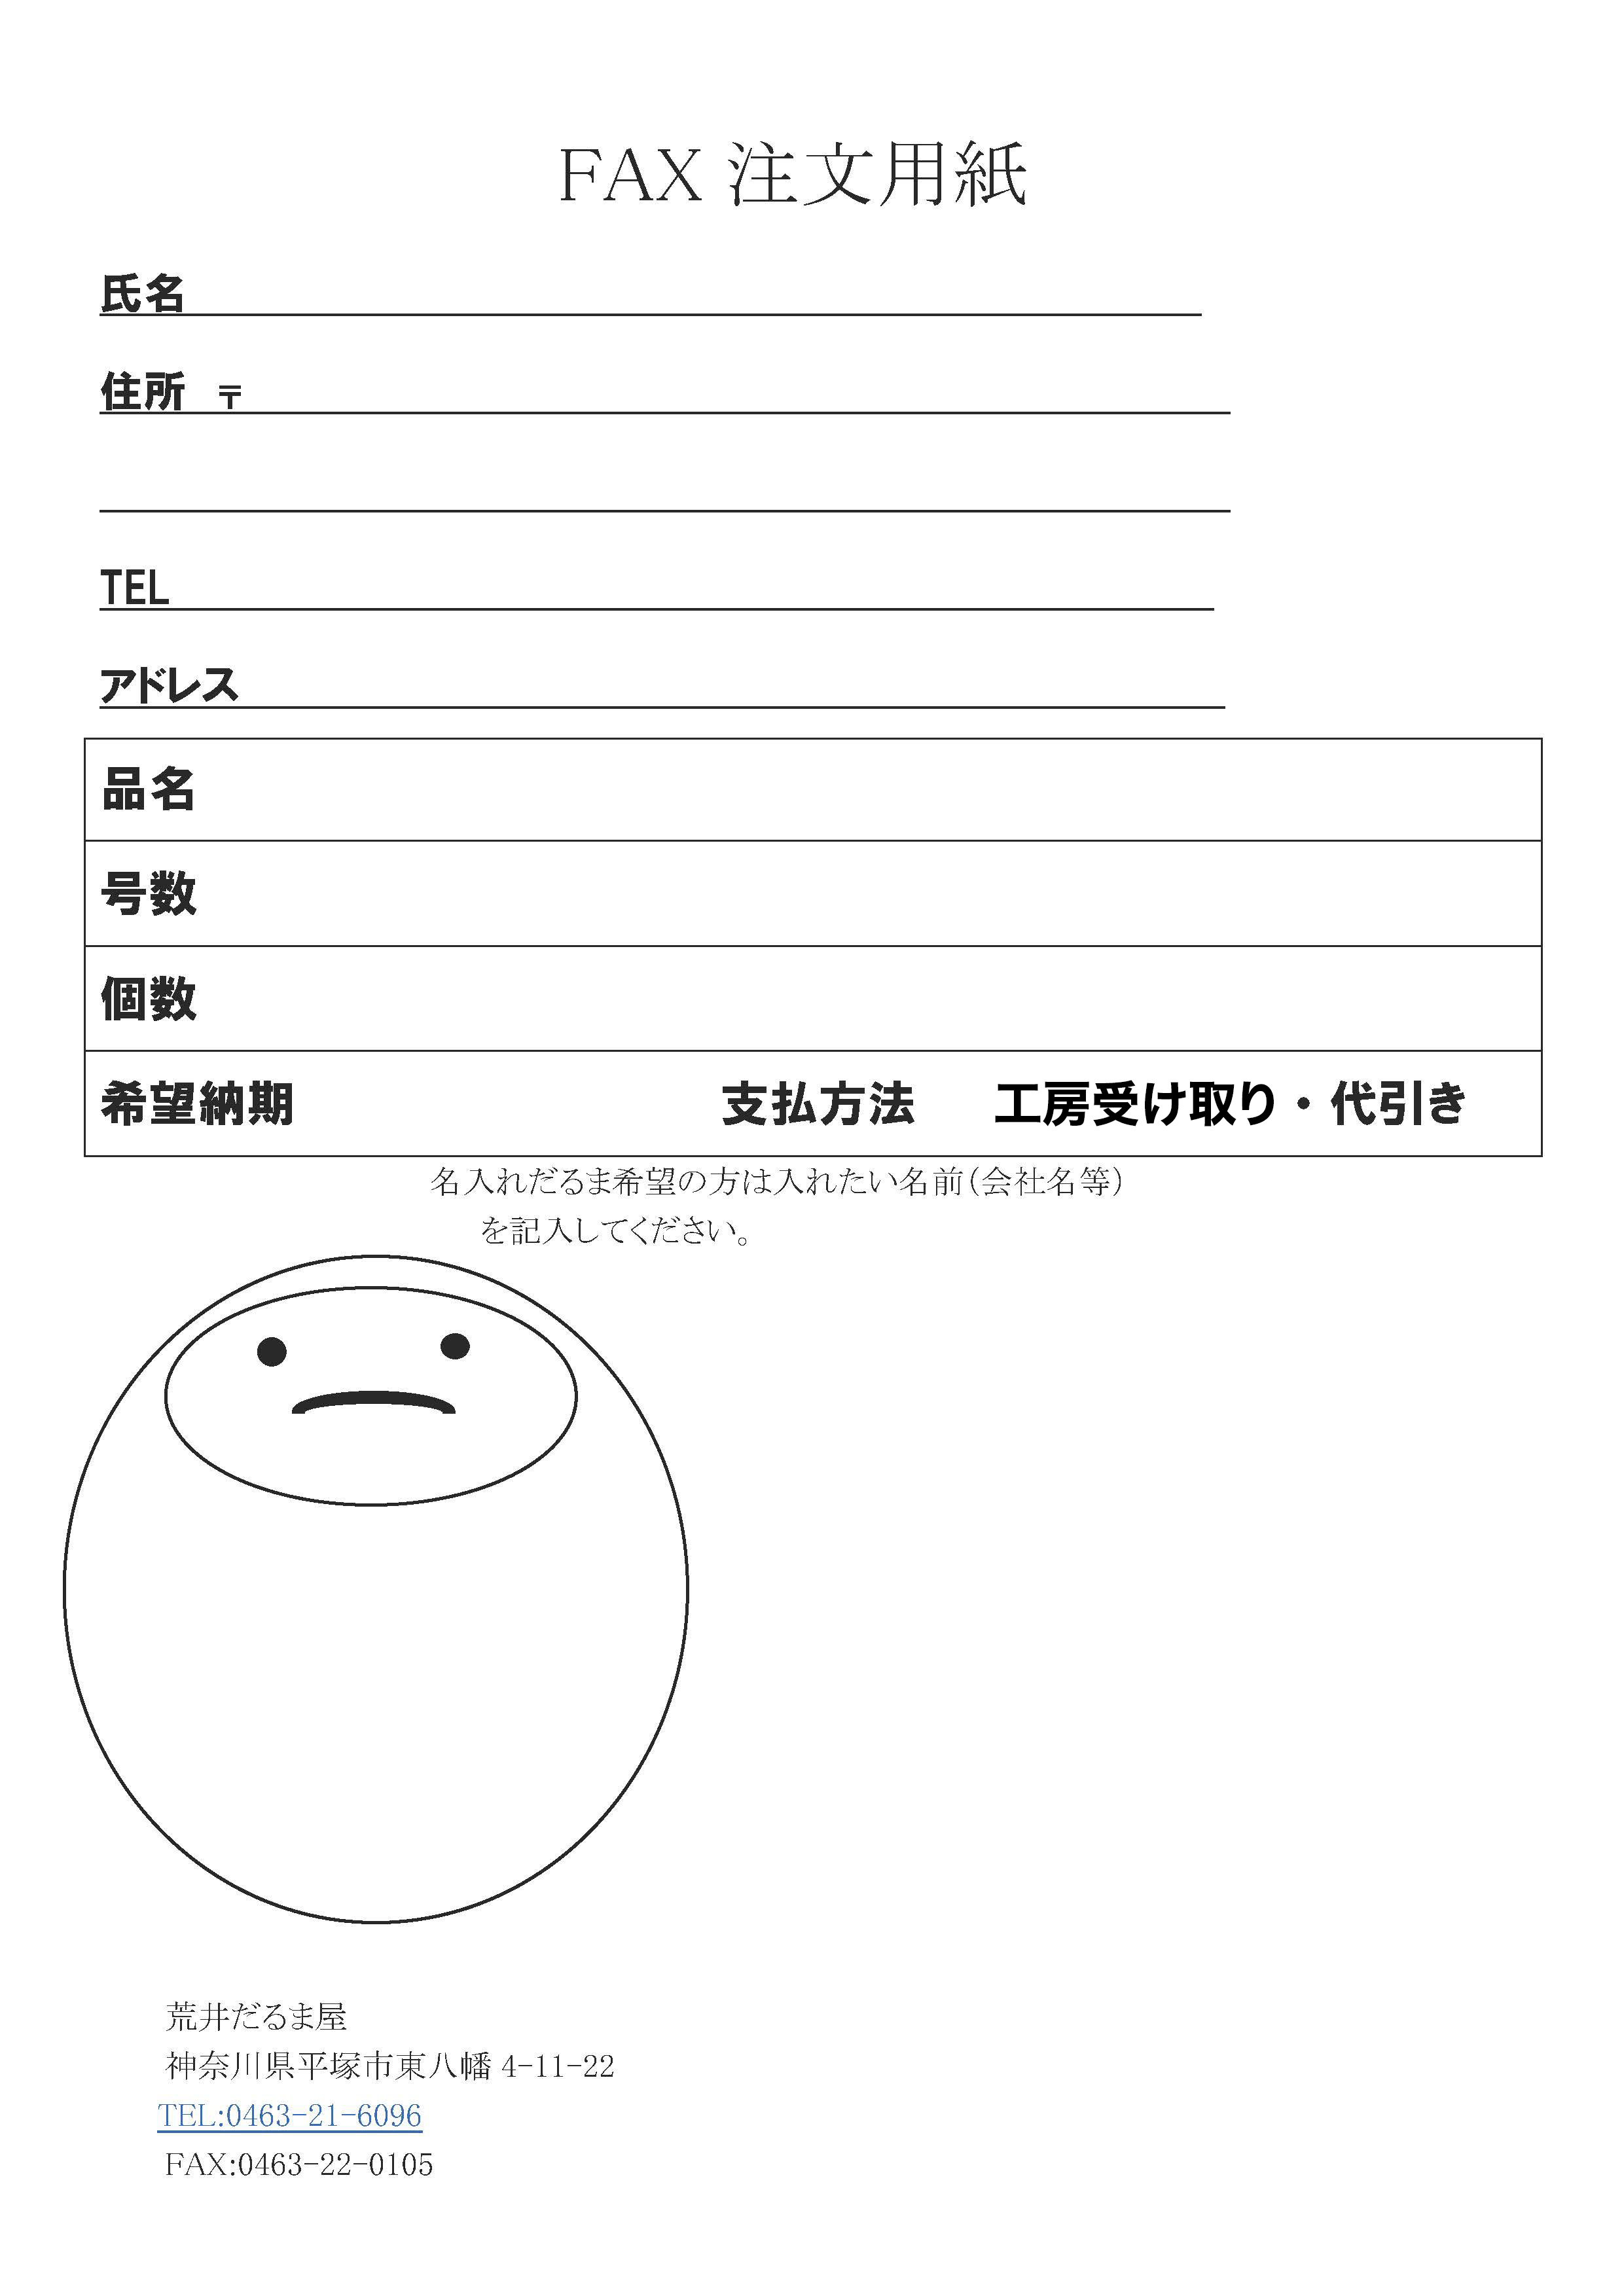 fax_sheet_04